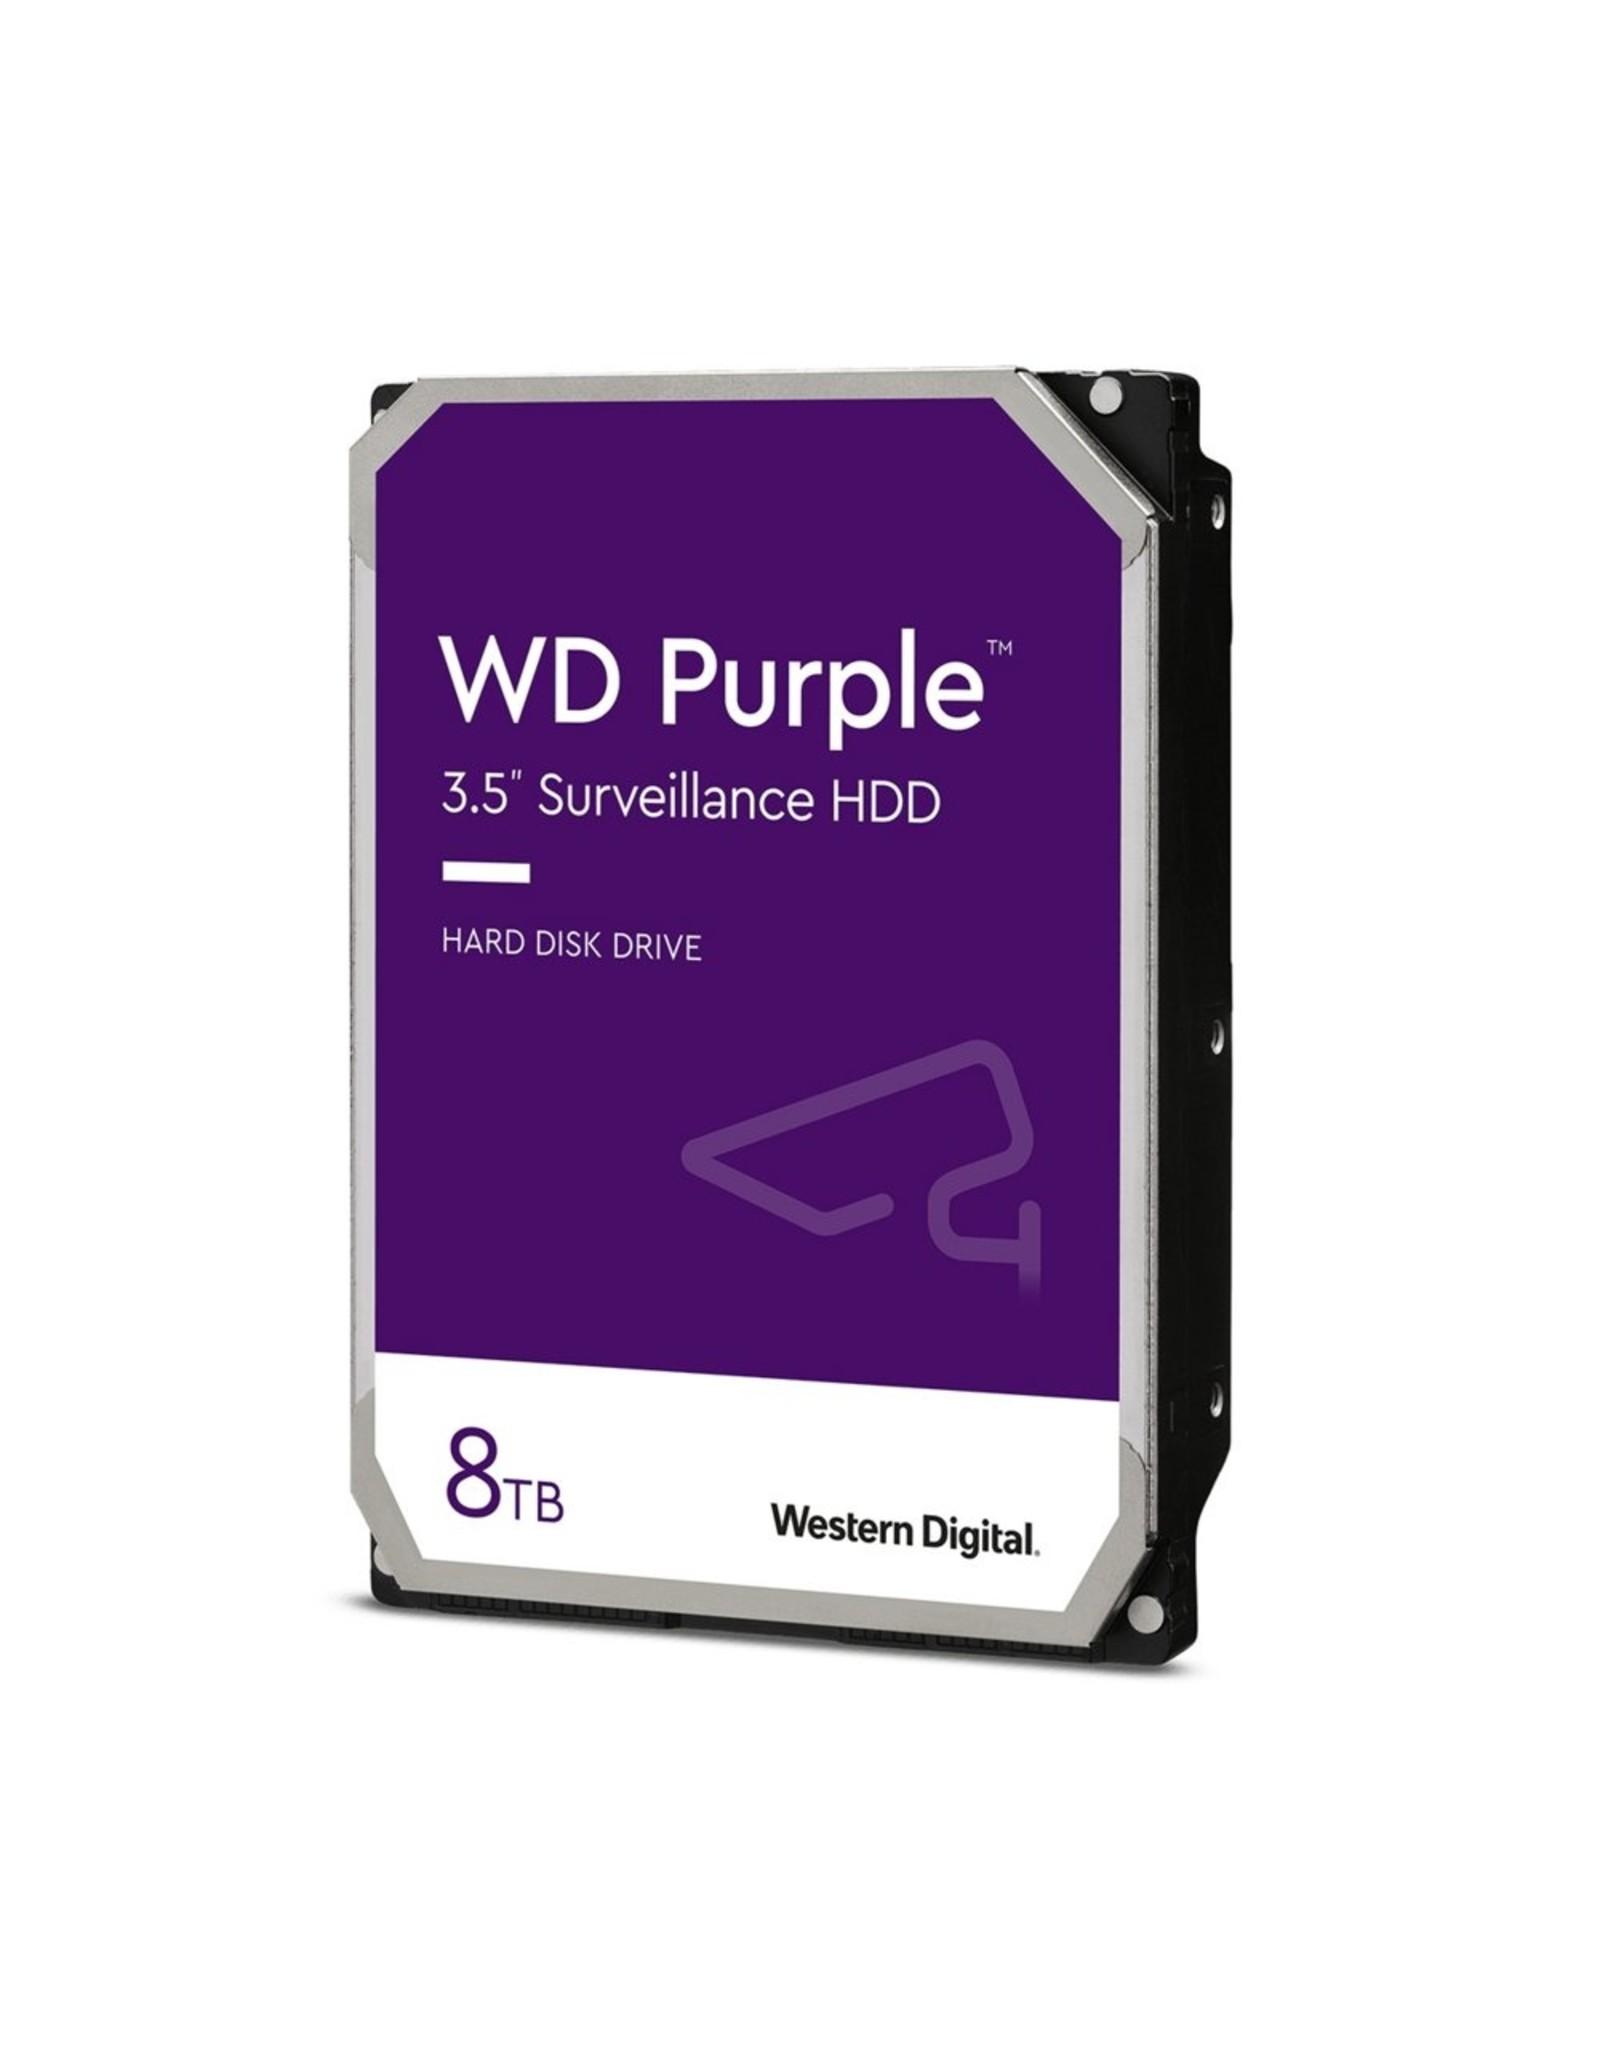 Western Digital HDD WD Purple 8TB 3.5 SATA 6Gbs 128MB